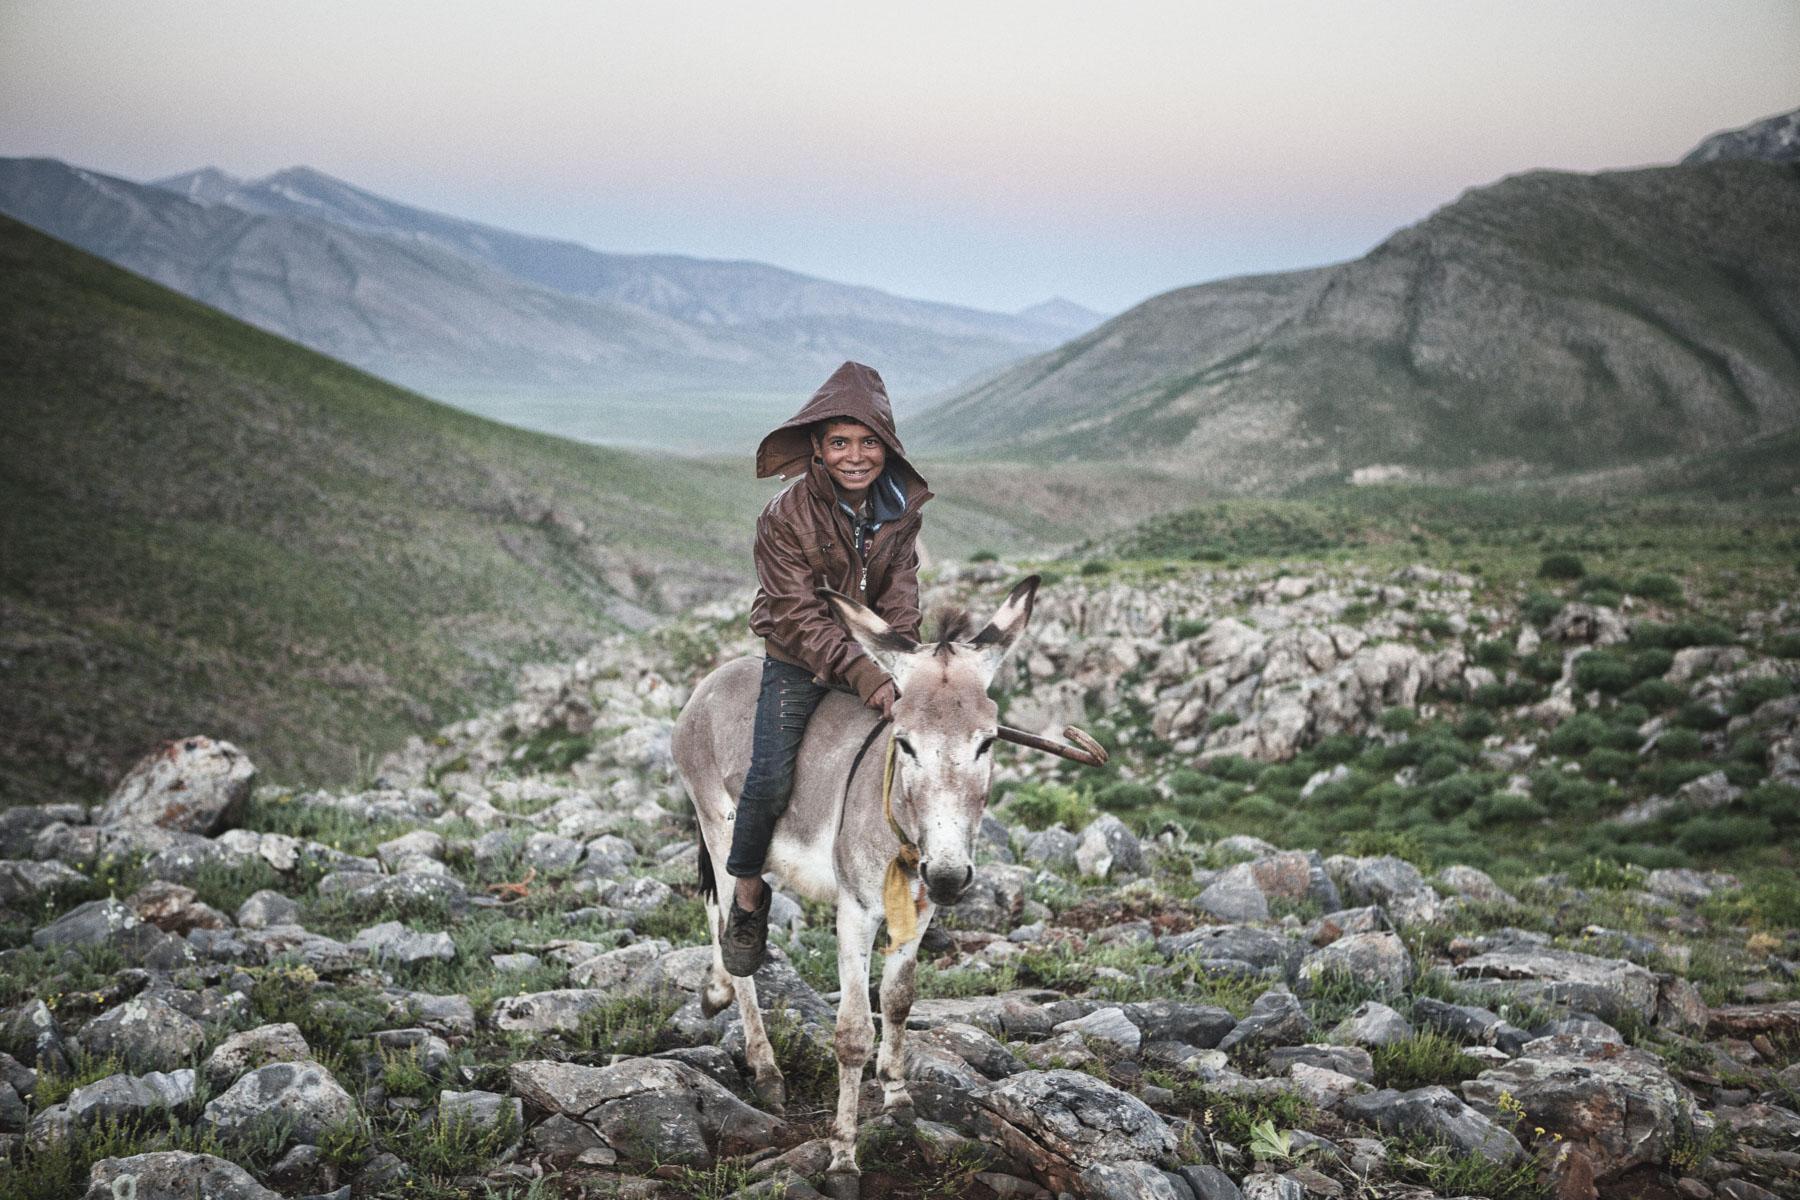 Nadir_Bucan_Nomads of Eastern Anatolia_06_6.jpg